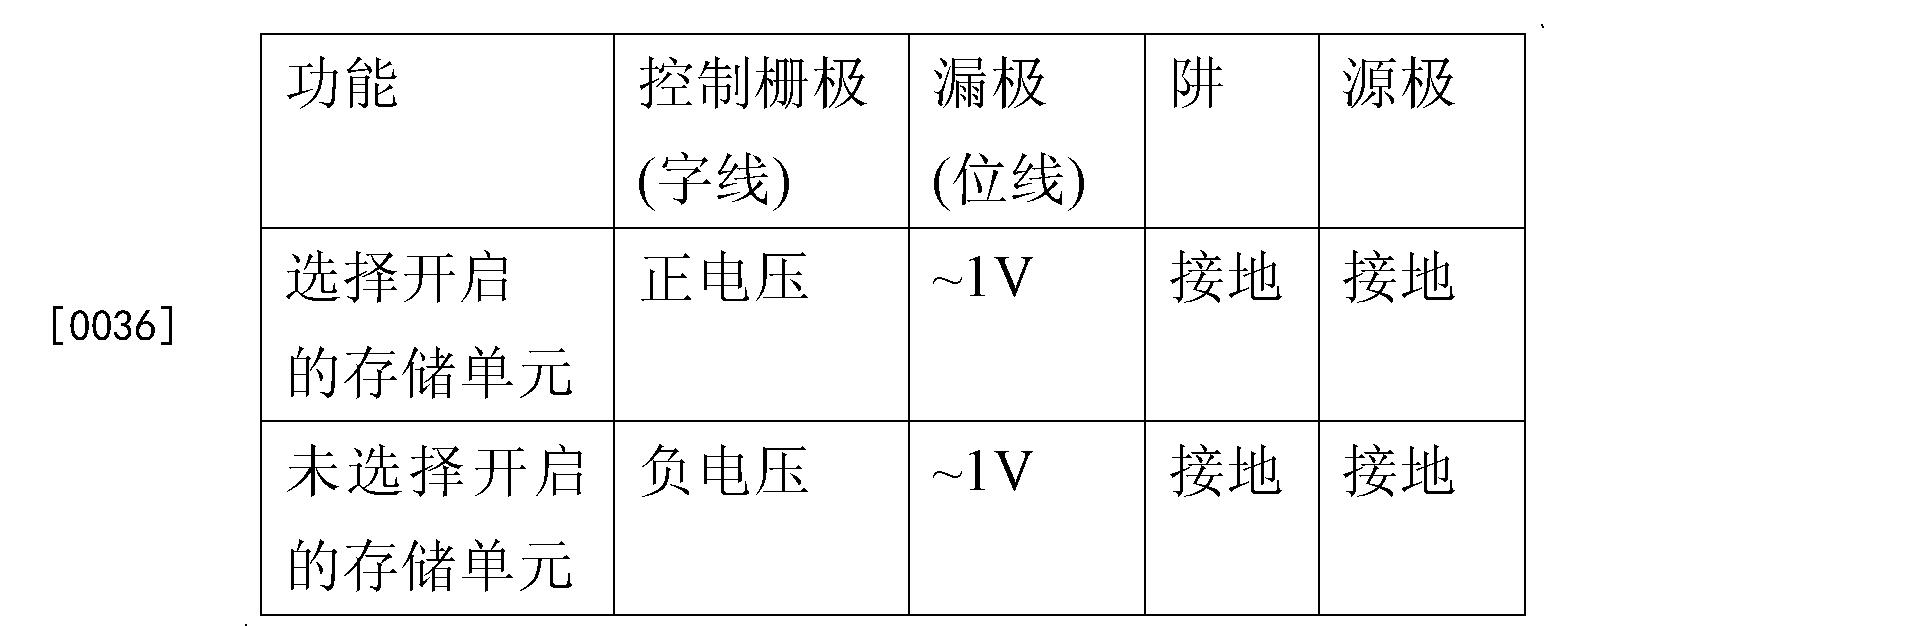 Figure CN103366828BD00052